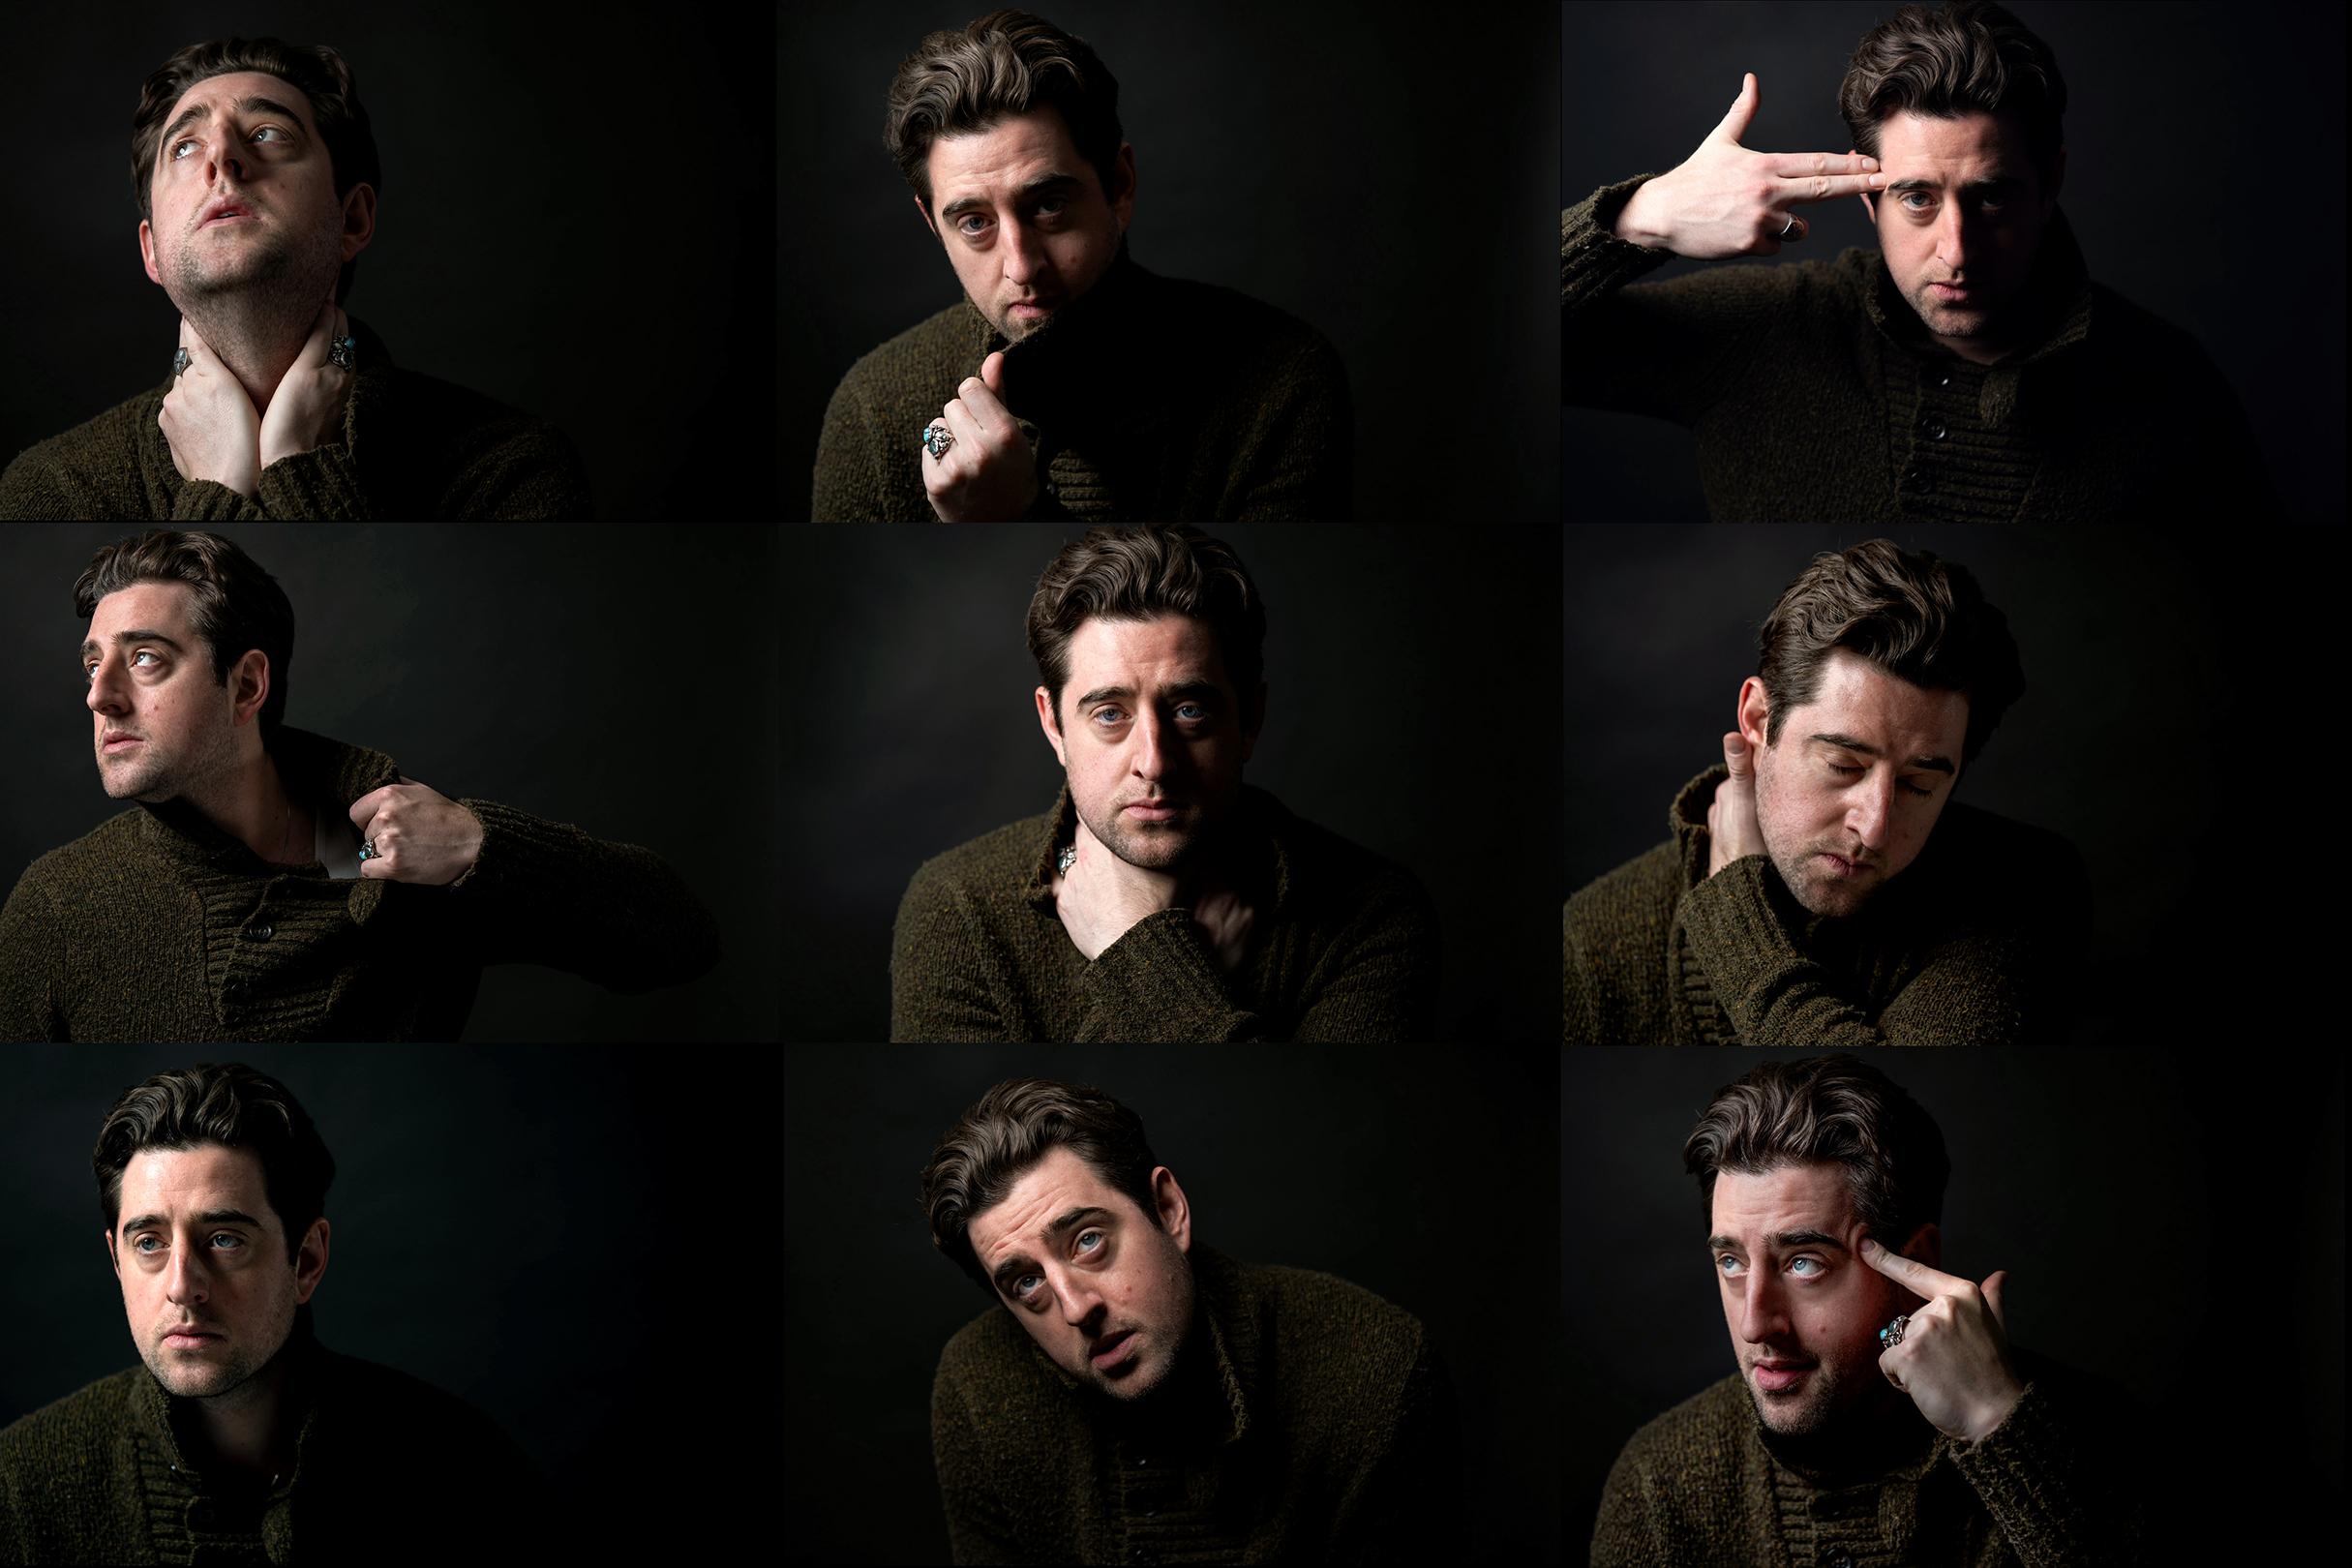 Many-faces-fb.jpg